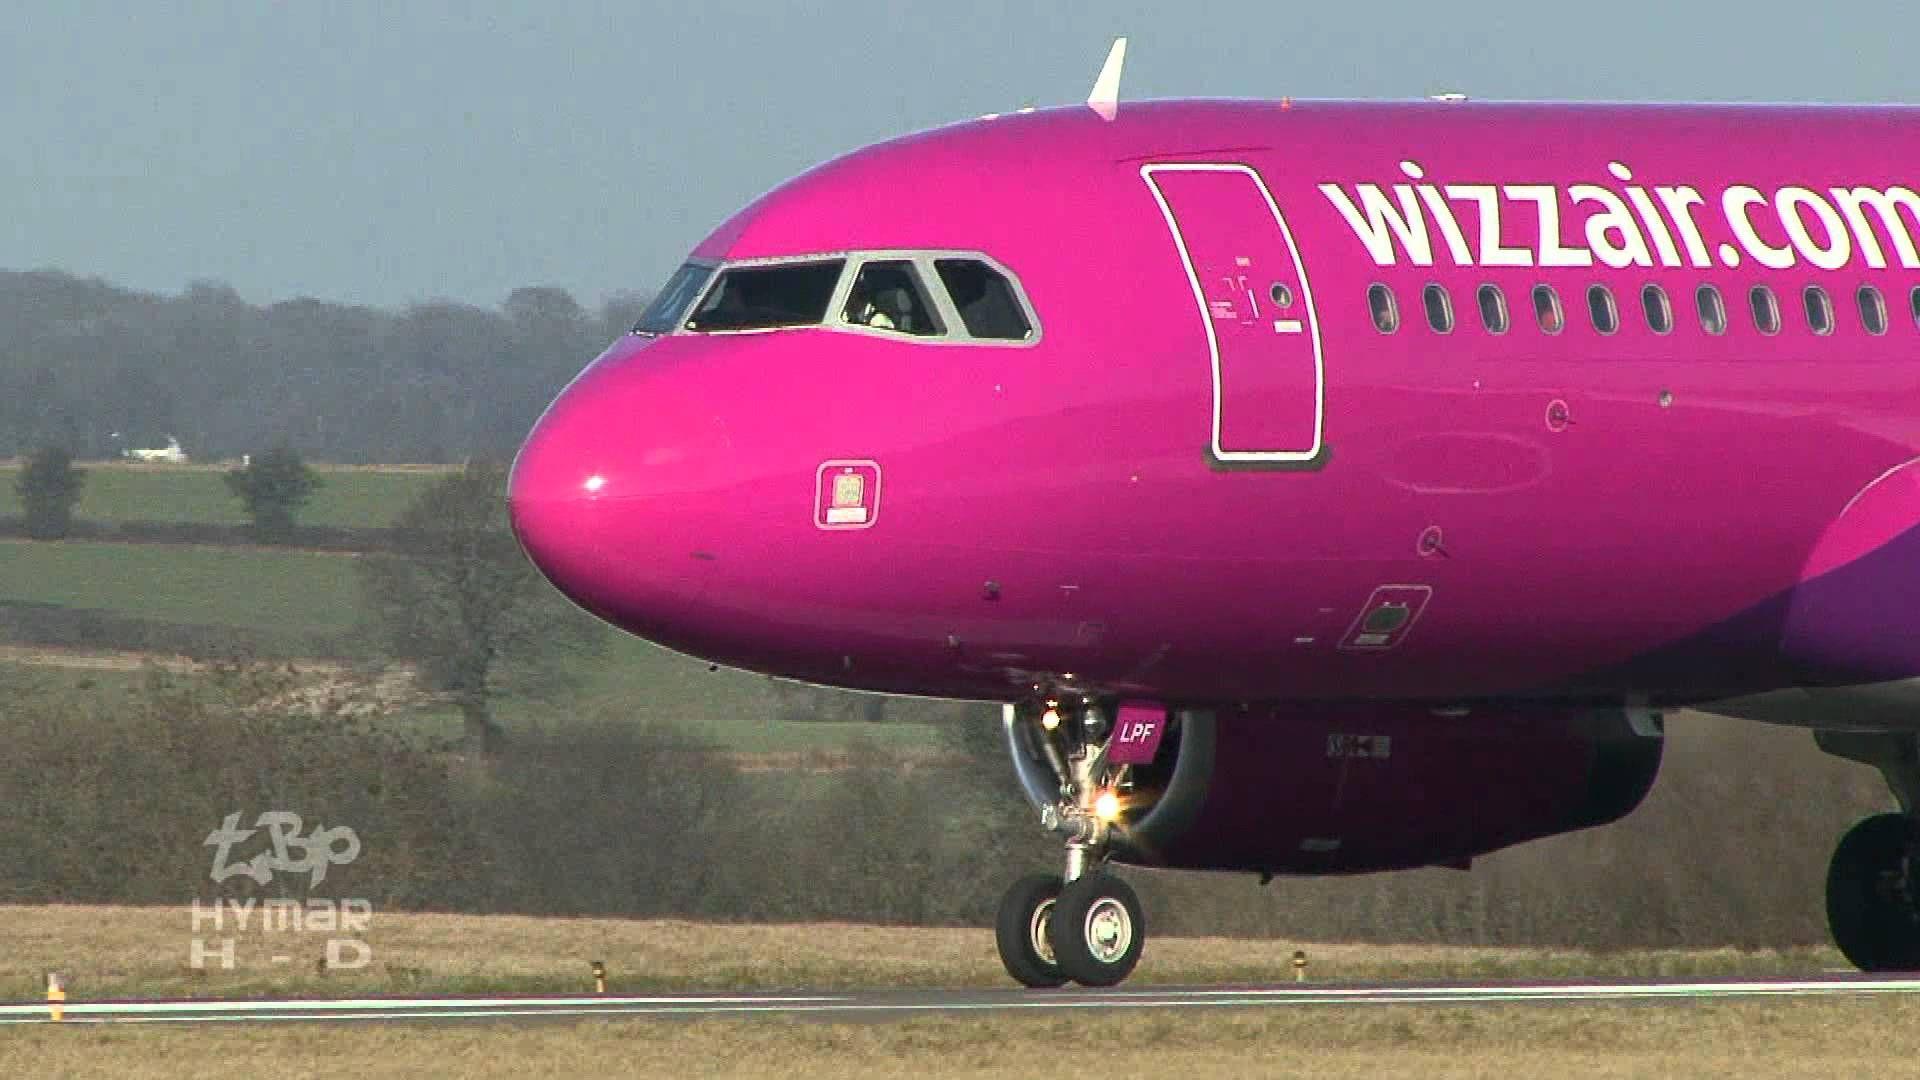 London Luton Airport Plane Spotting (Part 2) Easyjet, Wizzair, Blue Air ...